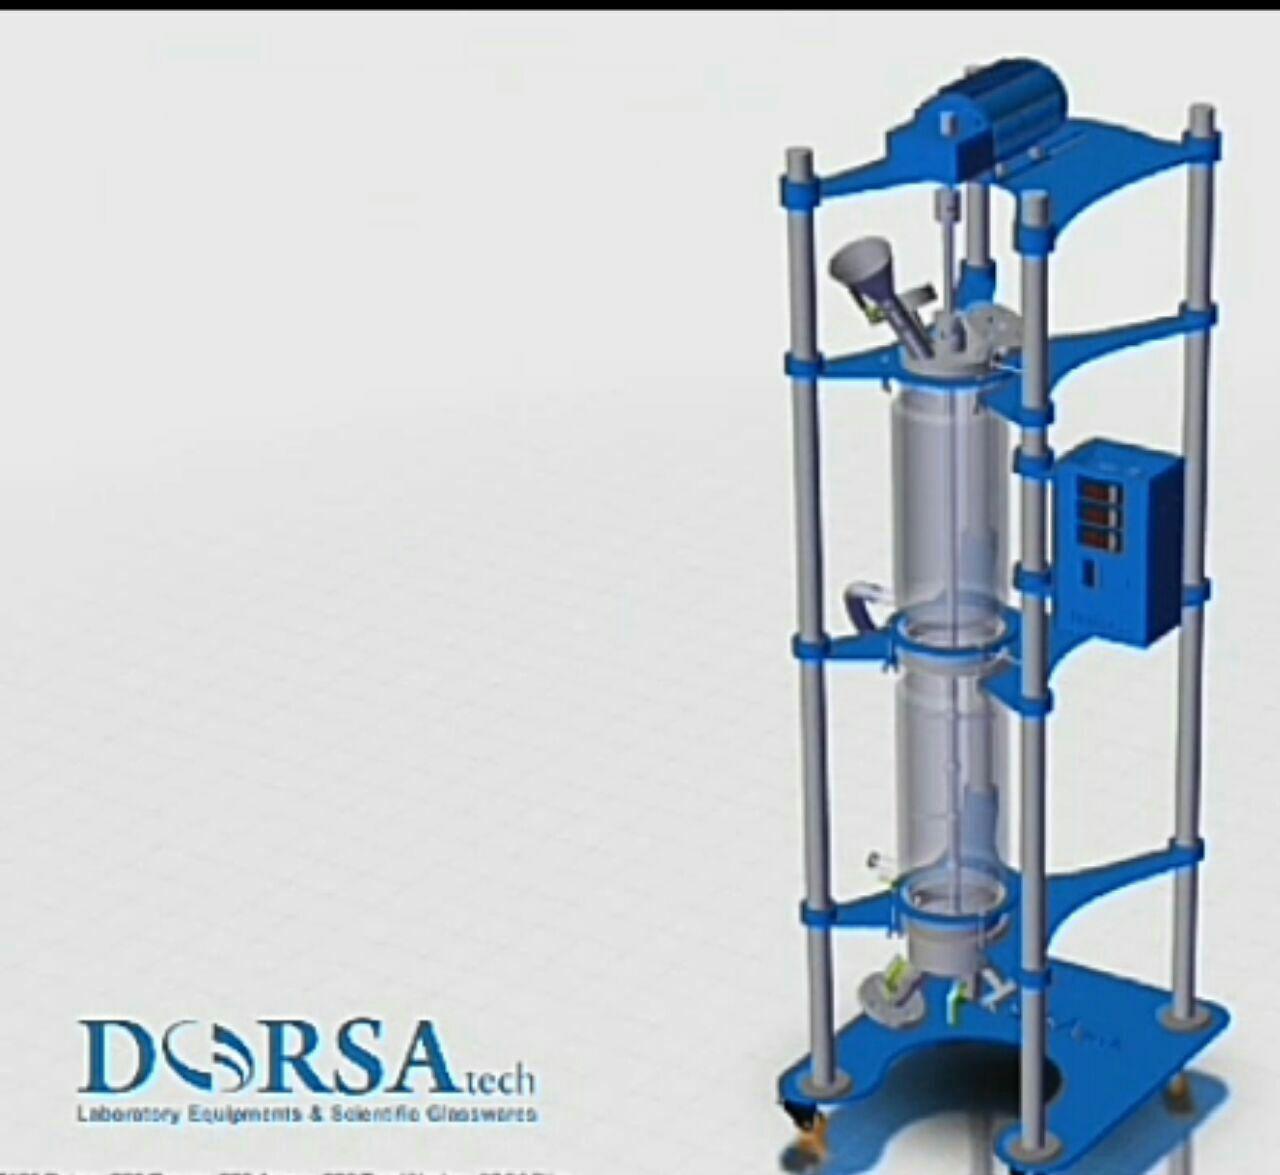 """ساخت راکتور شیمیایی """"شرکت فناوری پتروشیمی ایران """" به صورت سفارشی و اختصاصی"""